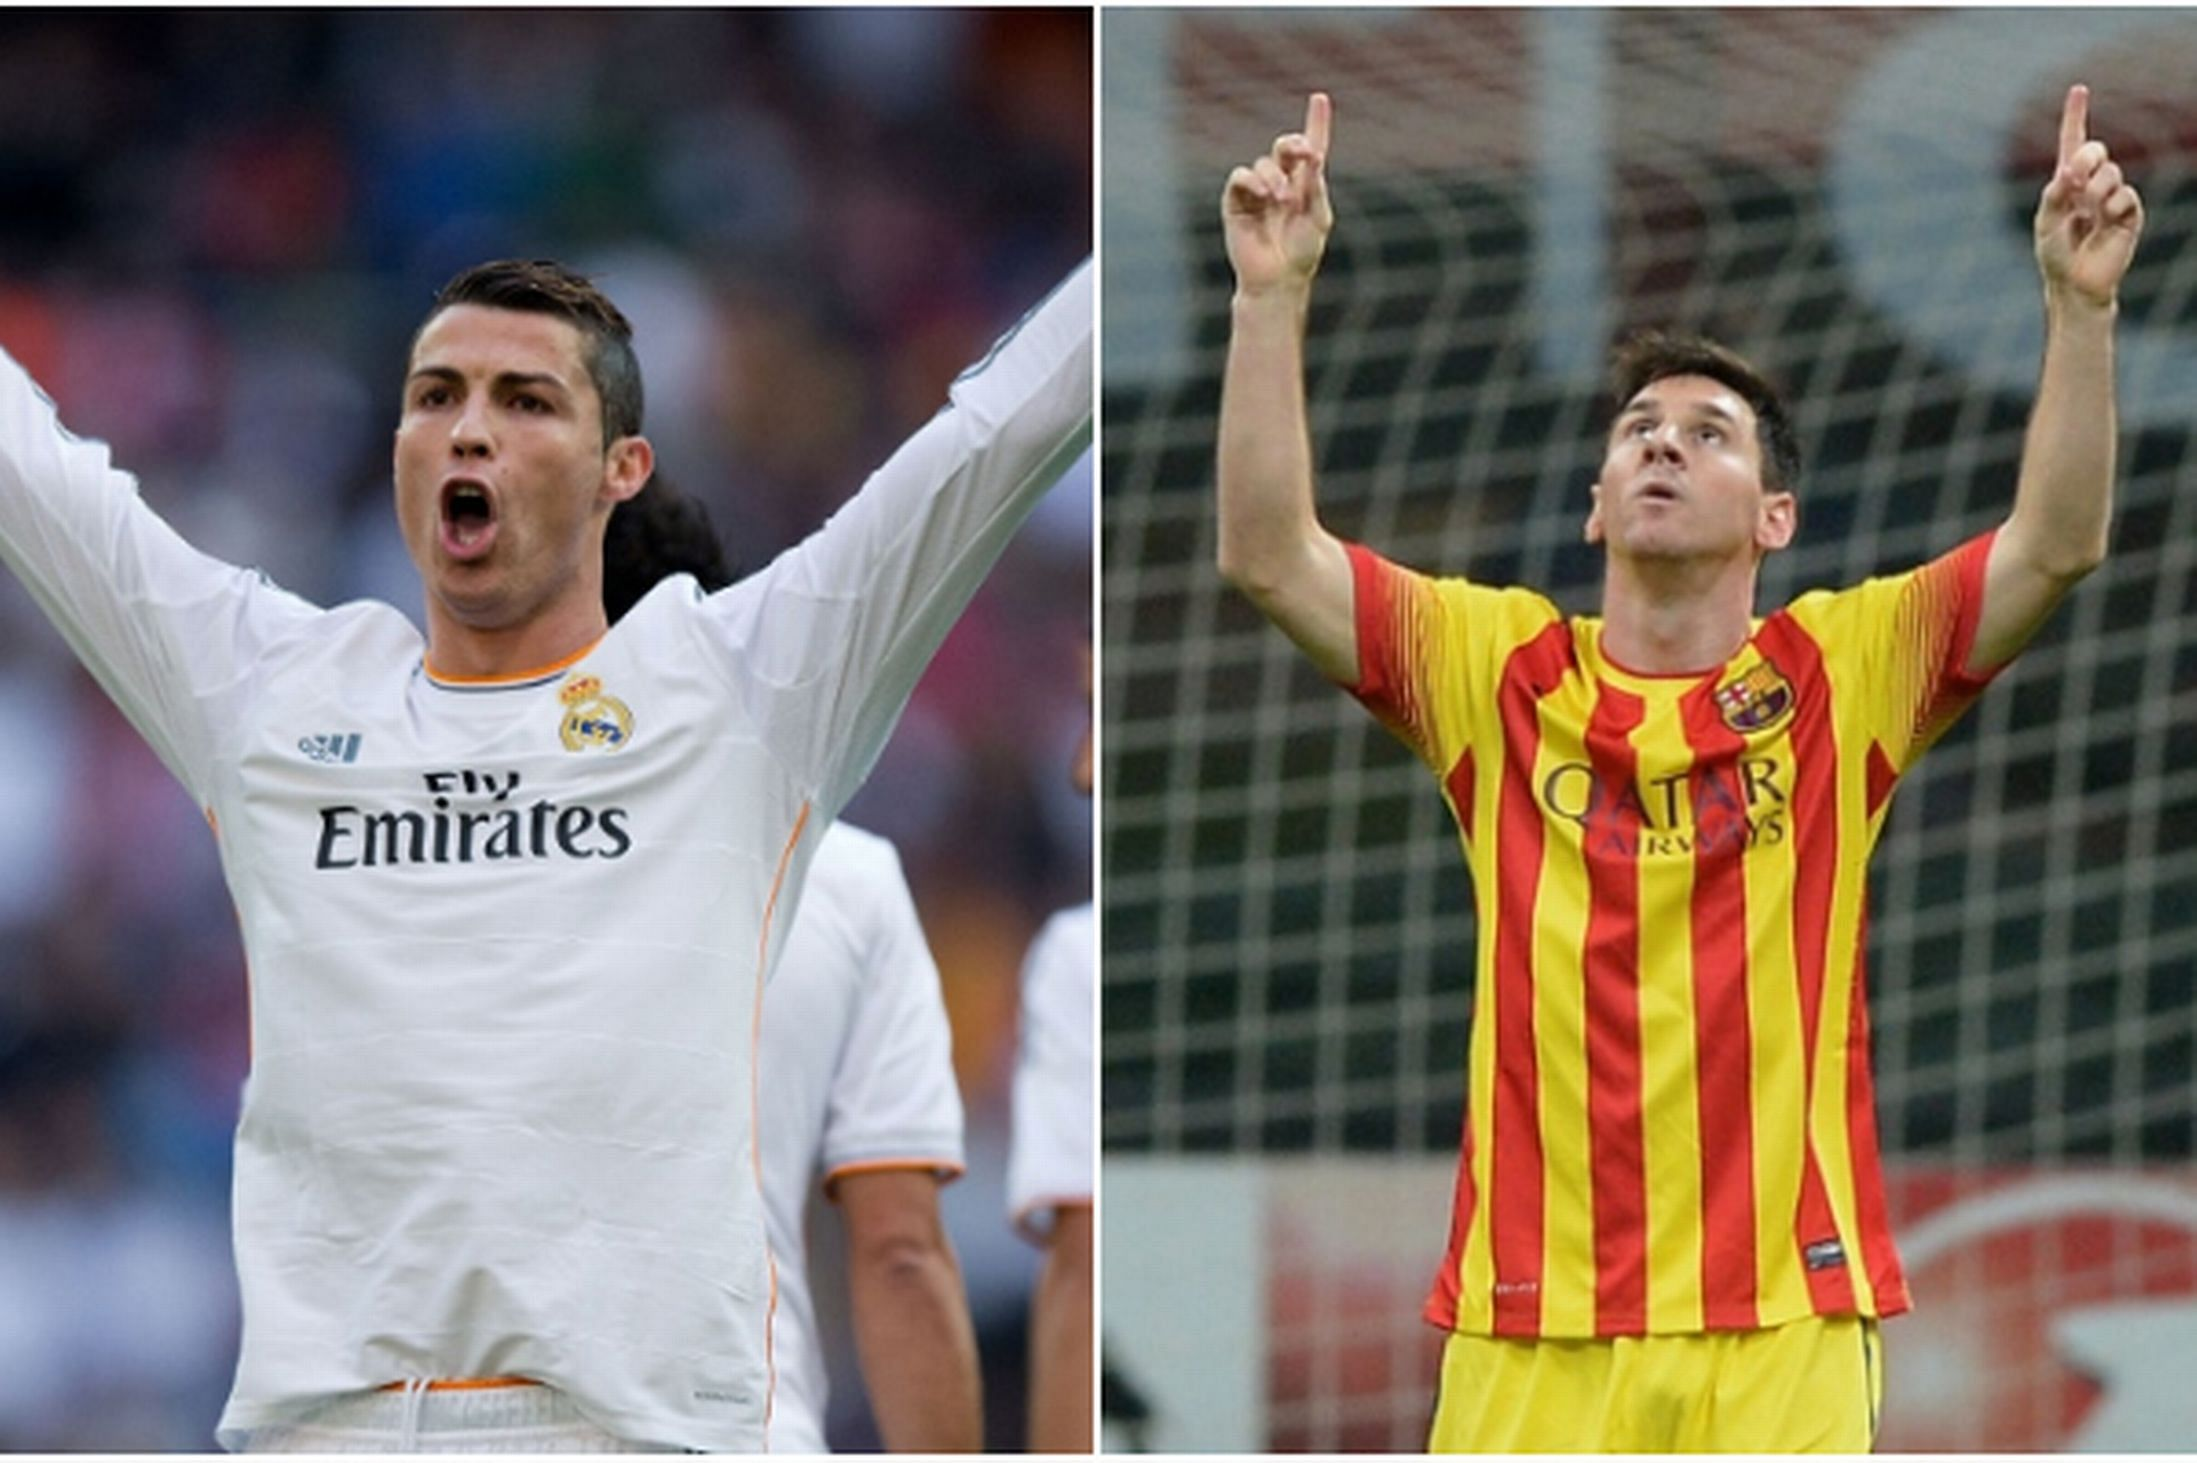 Cristiano Ronaldo vs Lionel Messi: Who is the most marketable?